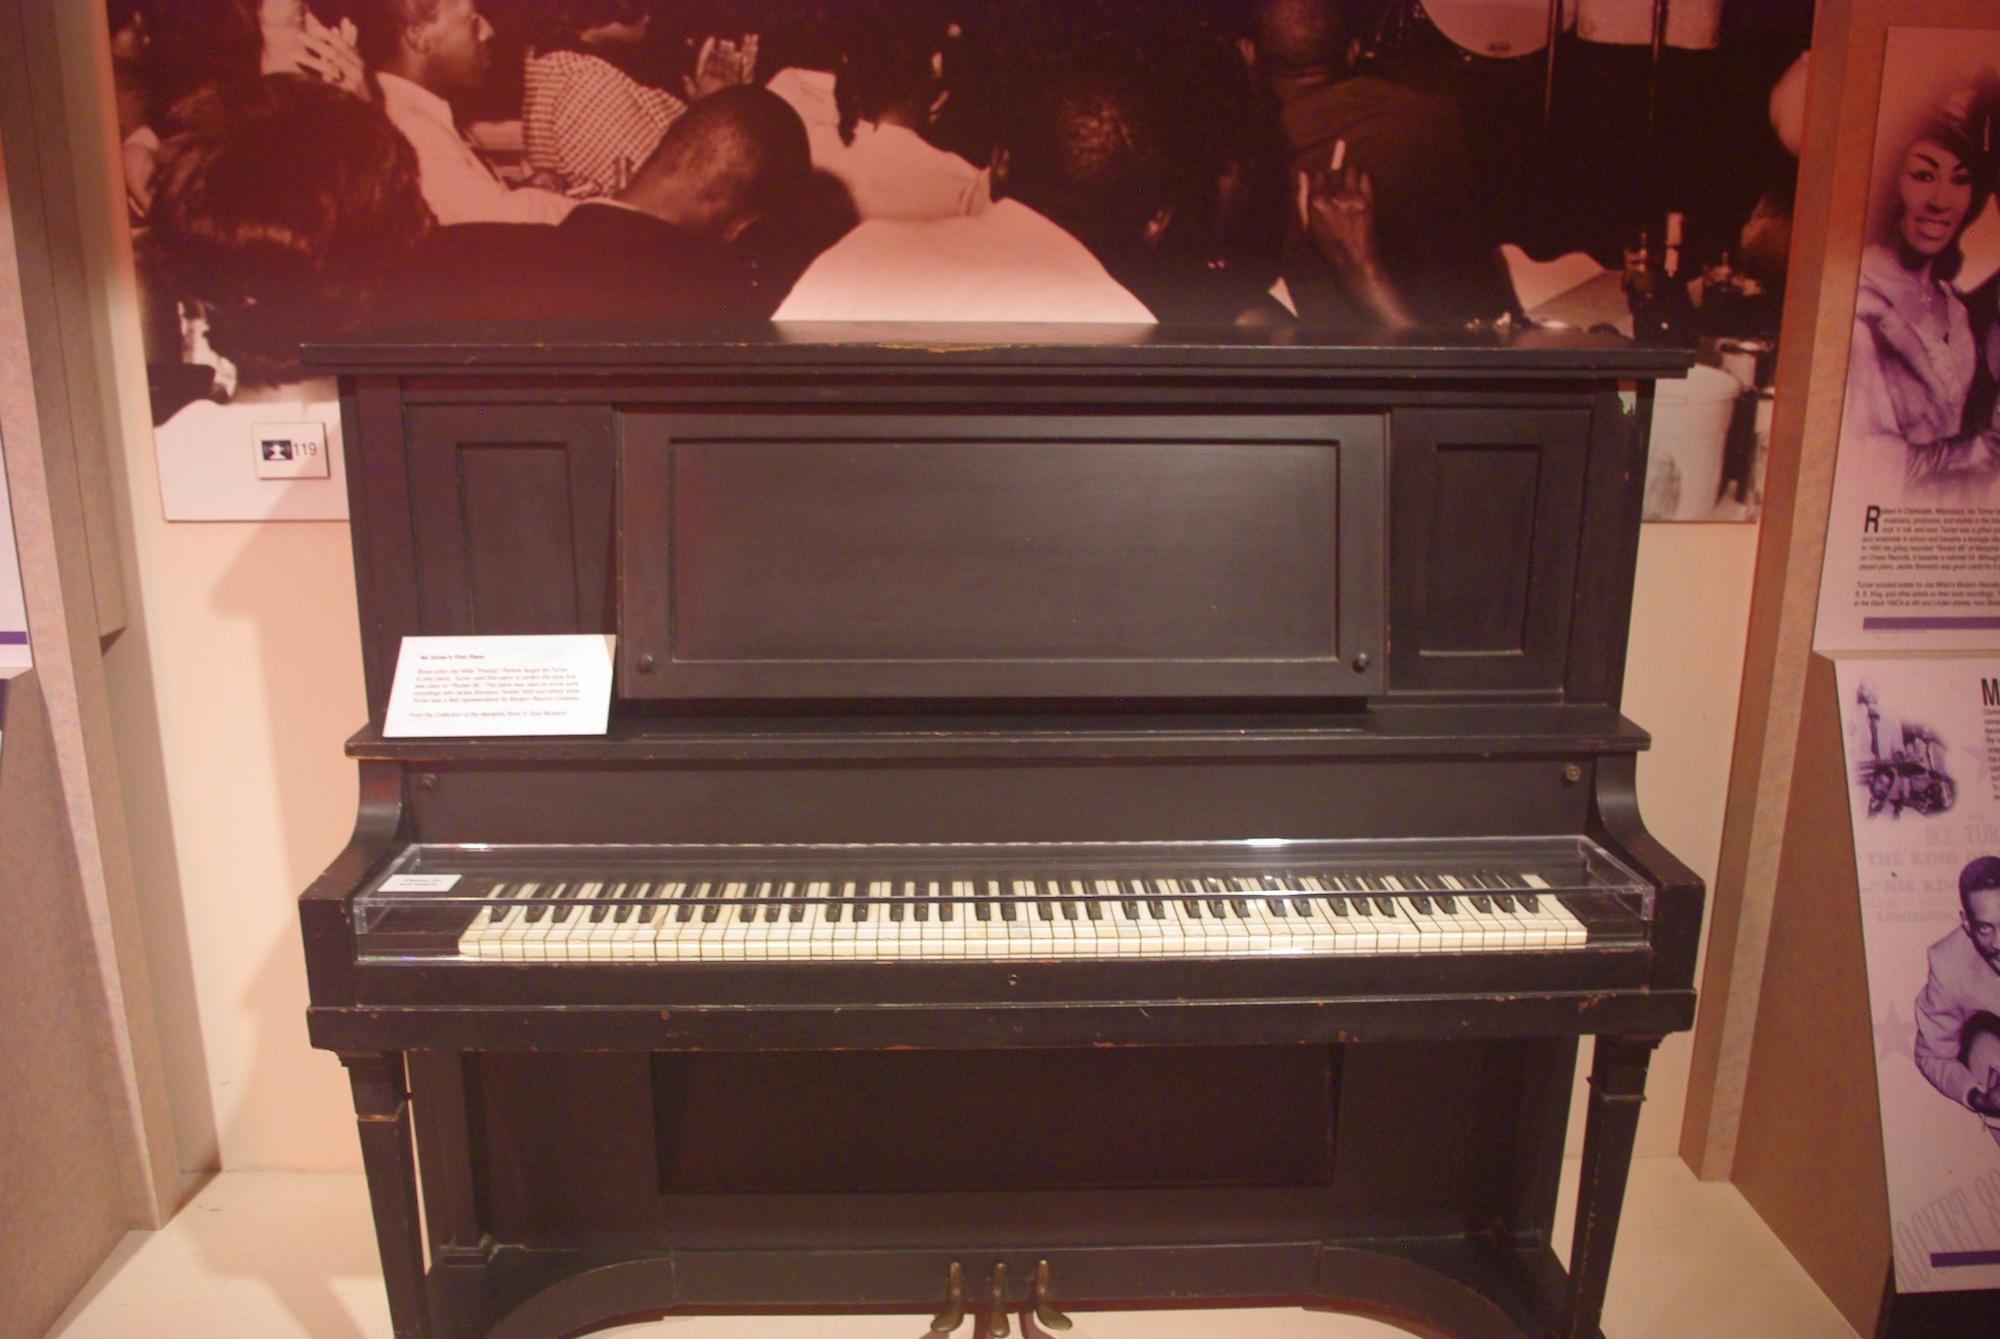 Le 1er piano de Ike Turner (Rocket 88; accessoirement le mari de Tina)